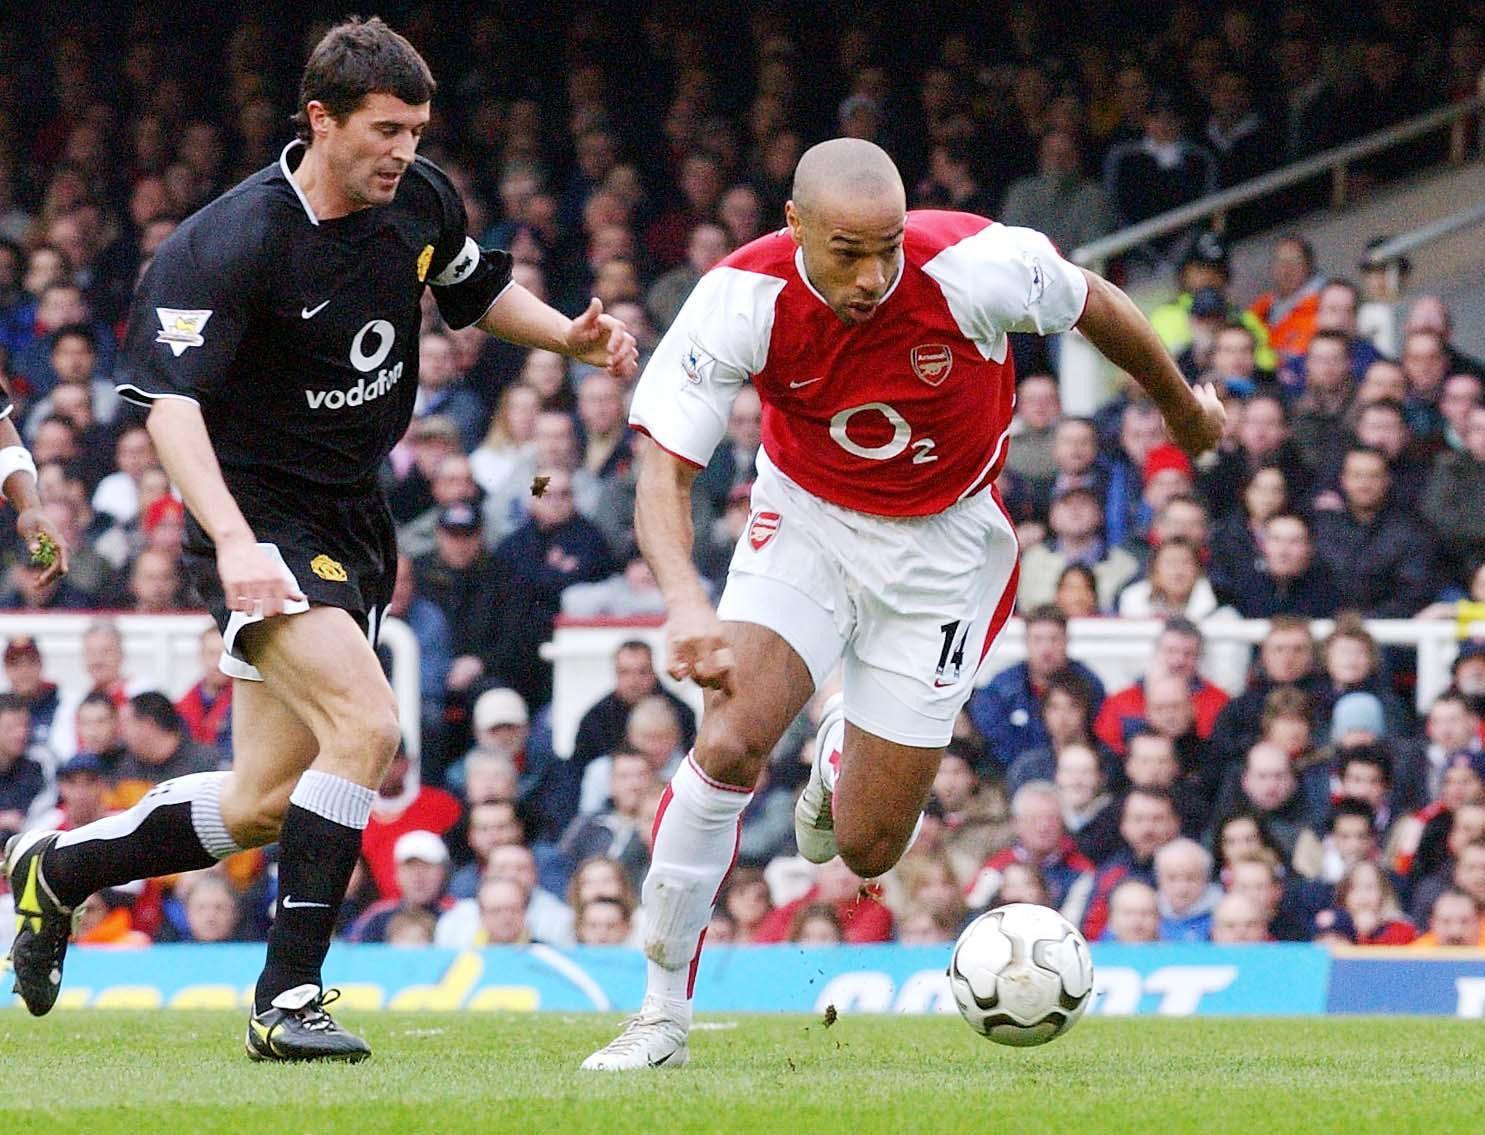 Arsenal v Manchester Utd